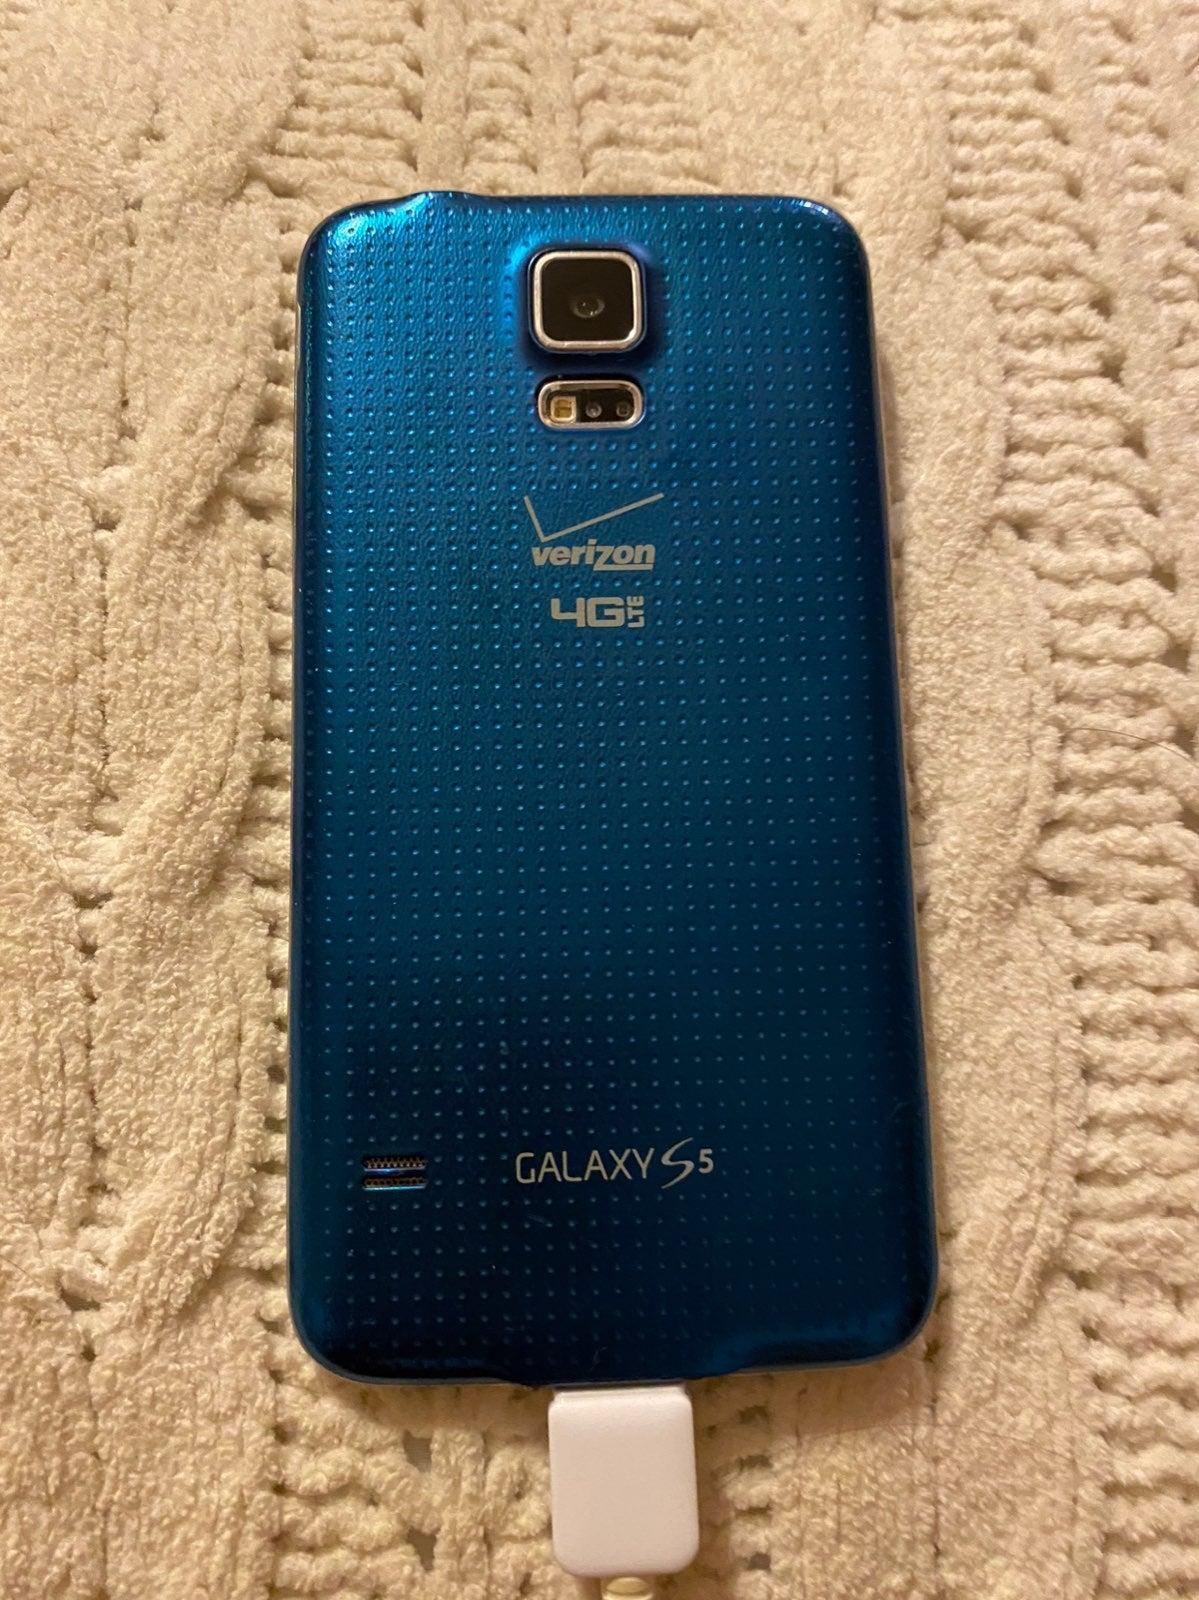 Samsung Galaxy S5 Verizon